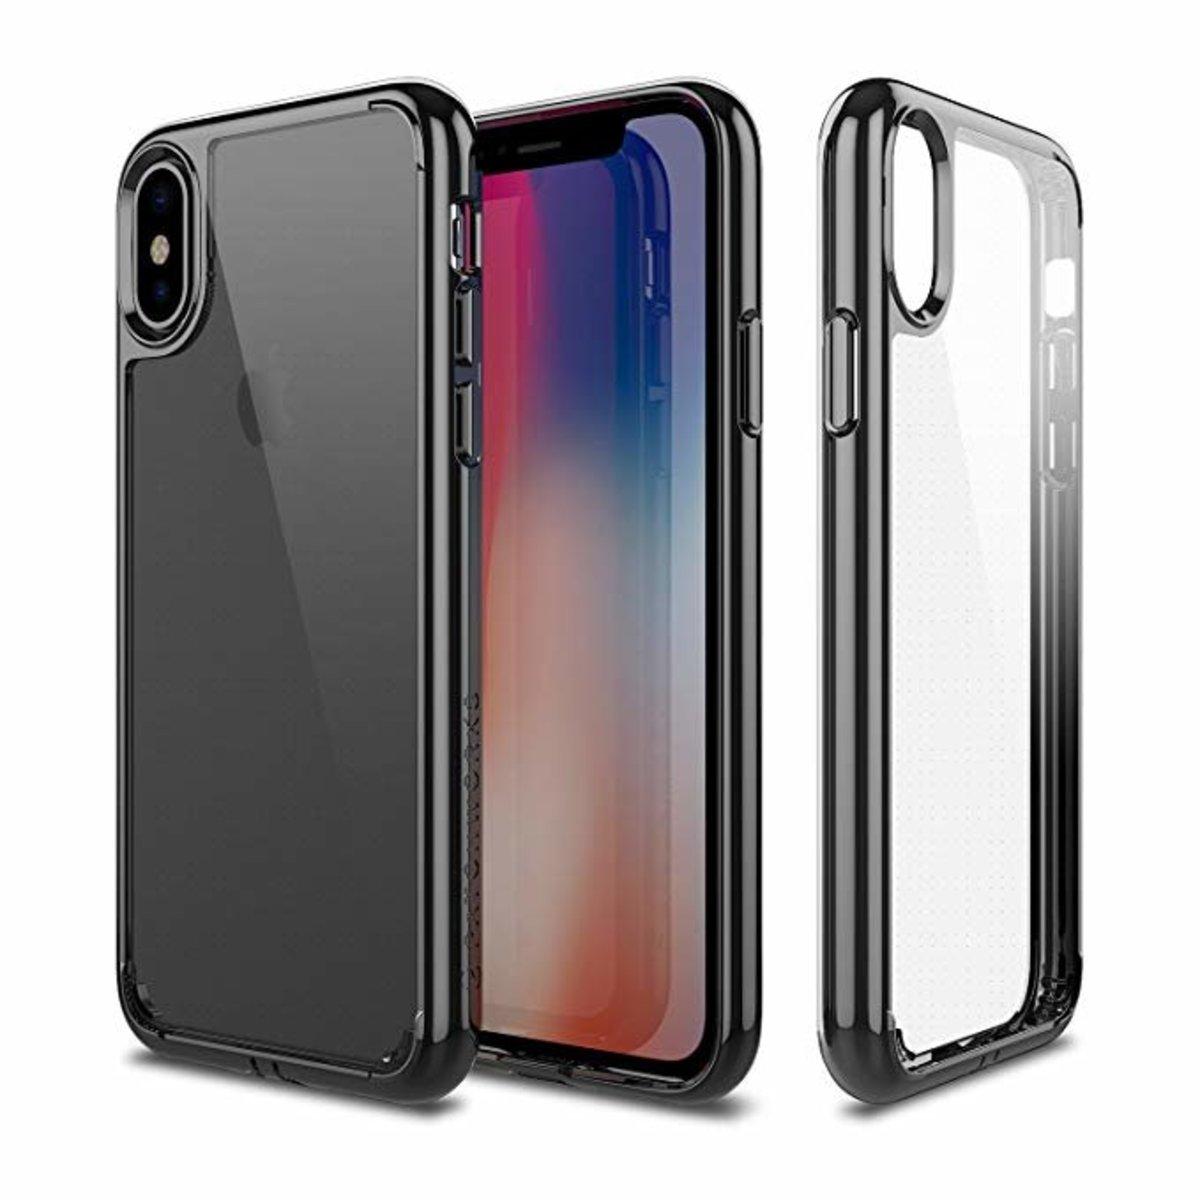 iPhone XsMAX LUMINA 水晶黑